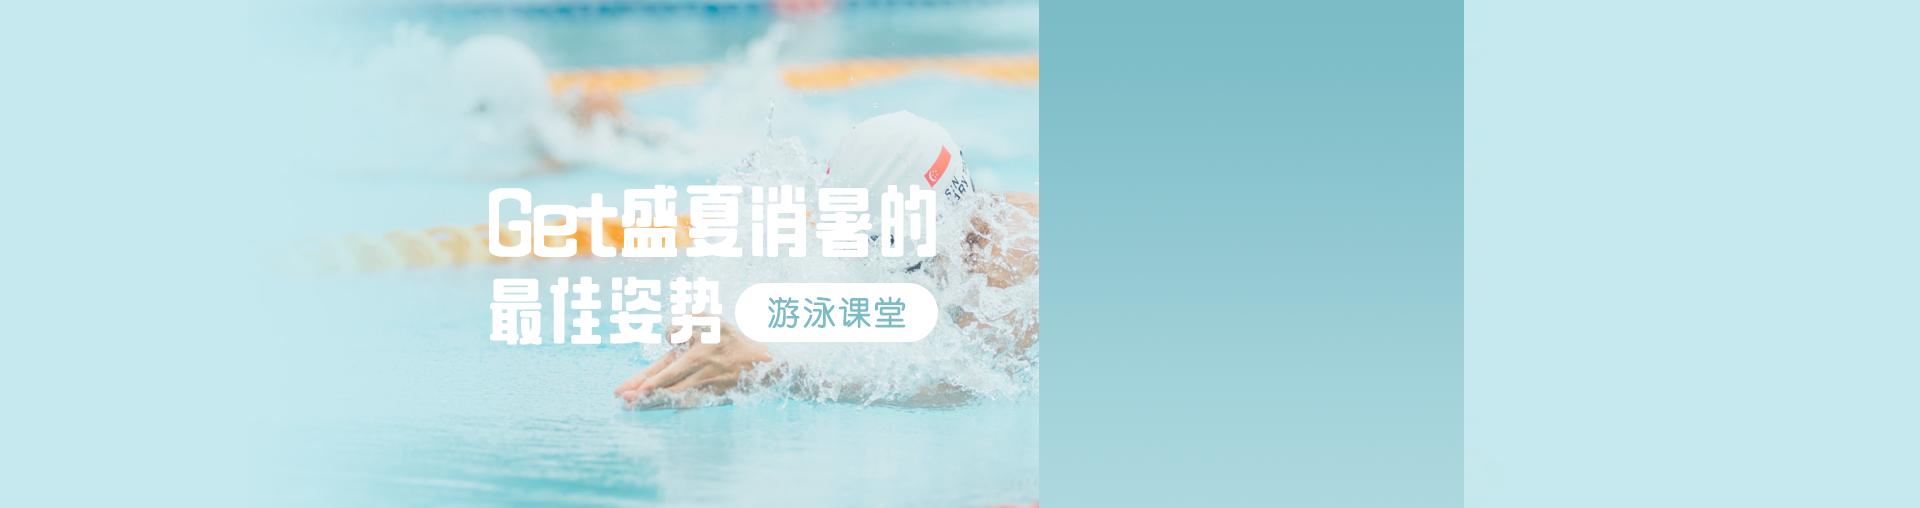 游泳课堂:get盛夏消暑最佳姿势